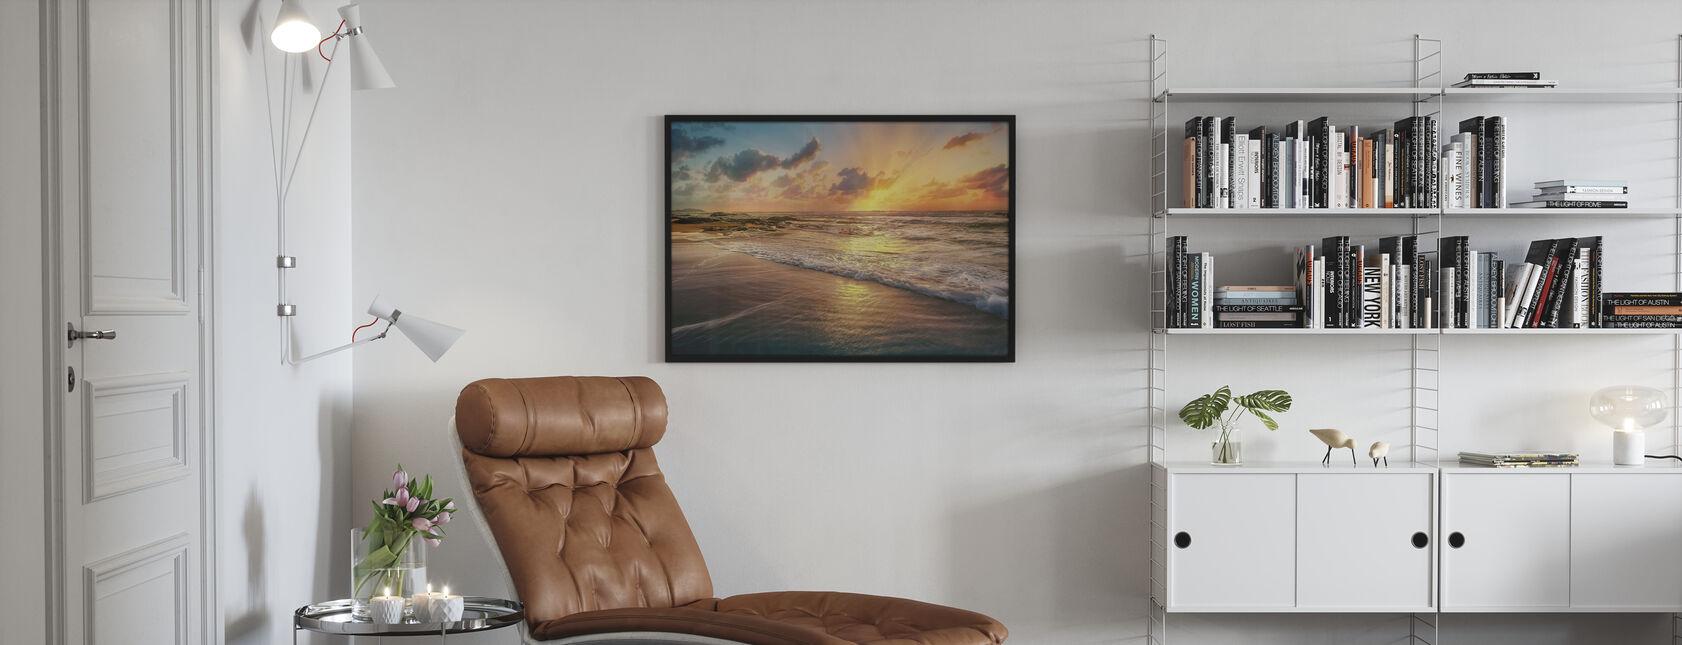 Puesta de sol junto al mar - Póster - Salón